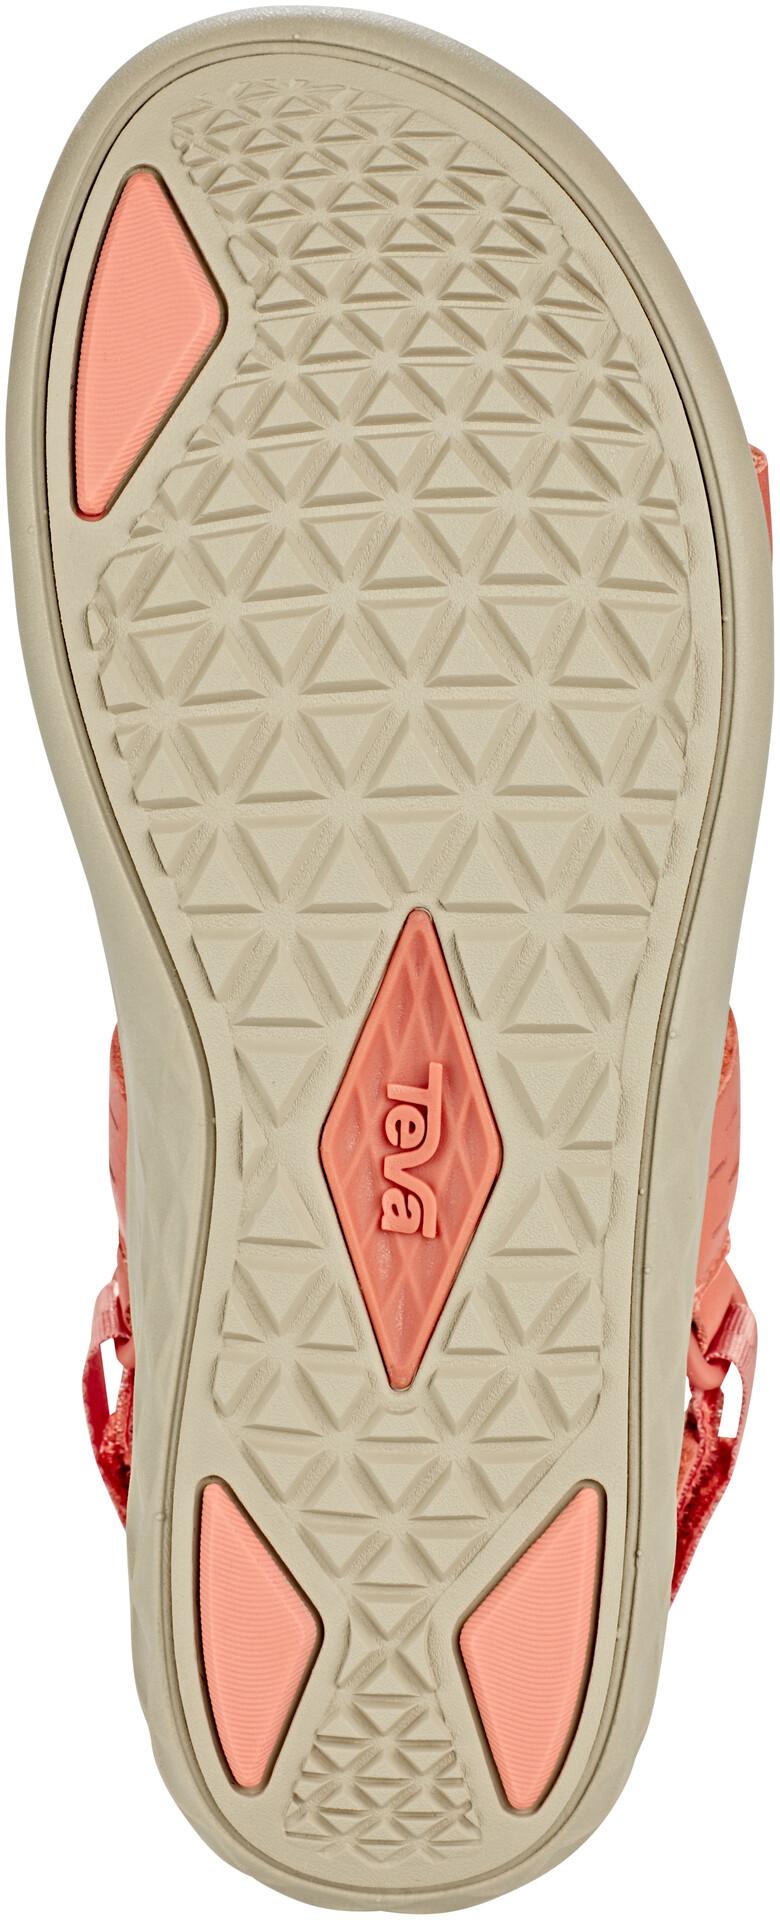 8a08c4ddc04 Teva Float Mujer Campz Terra Nova 2 Lux es Naranja Sandalias rfxrYq5w